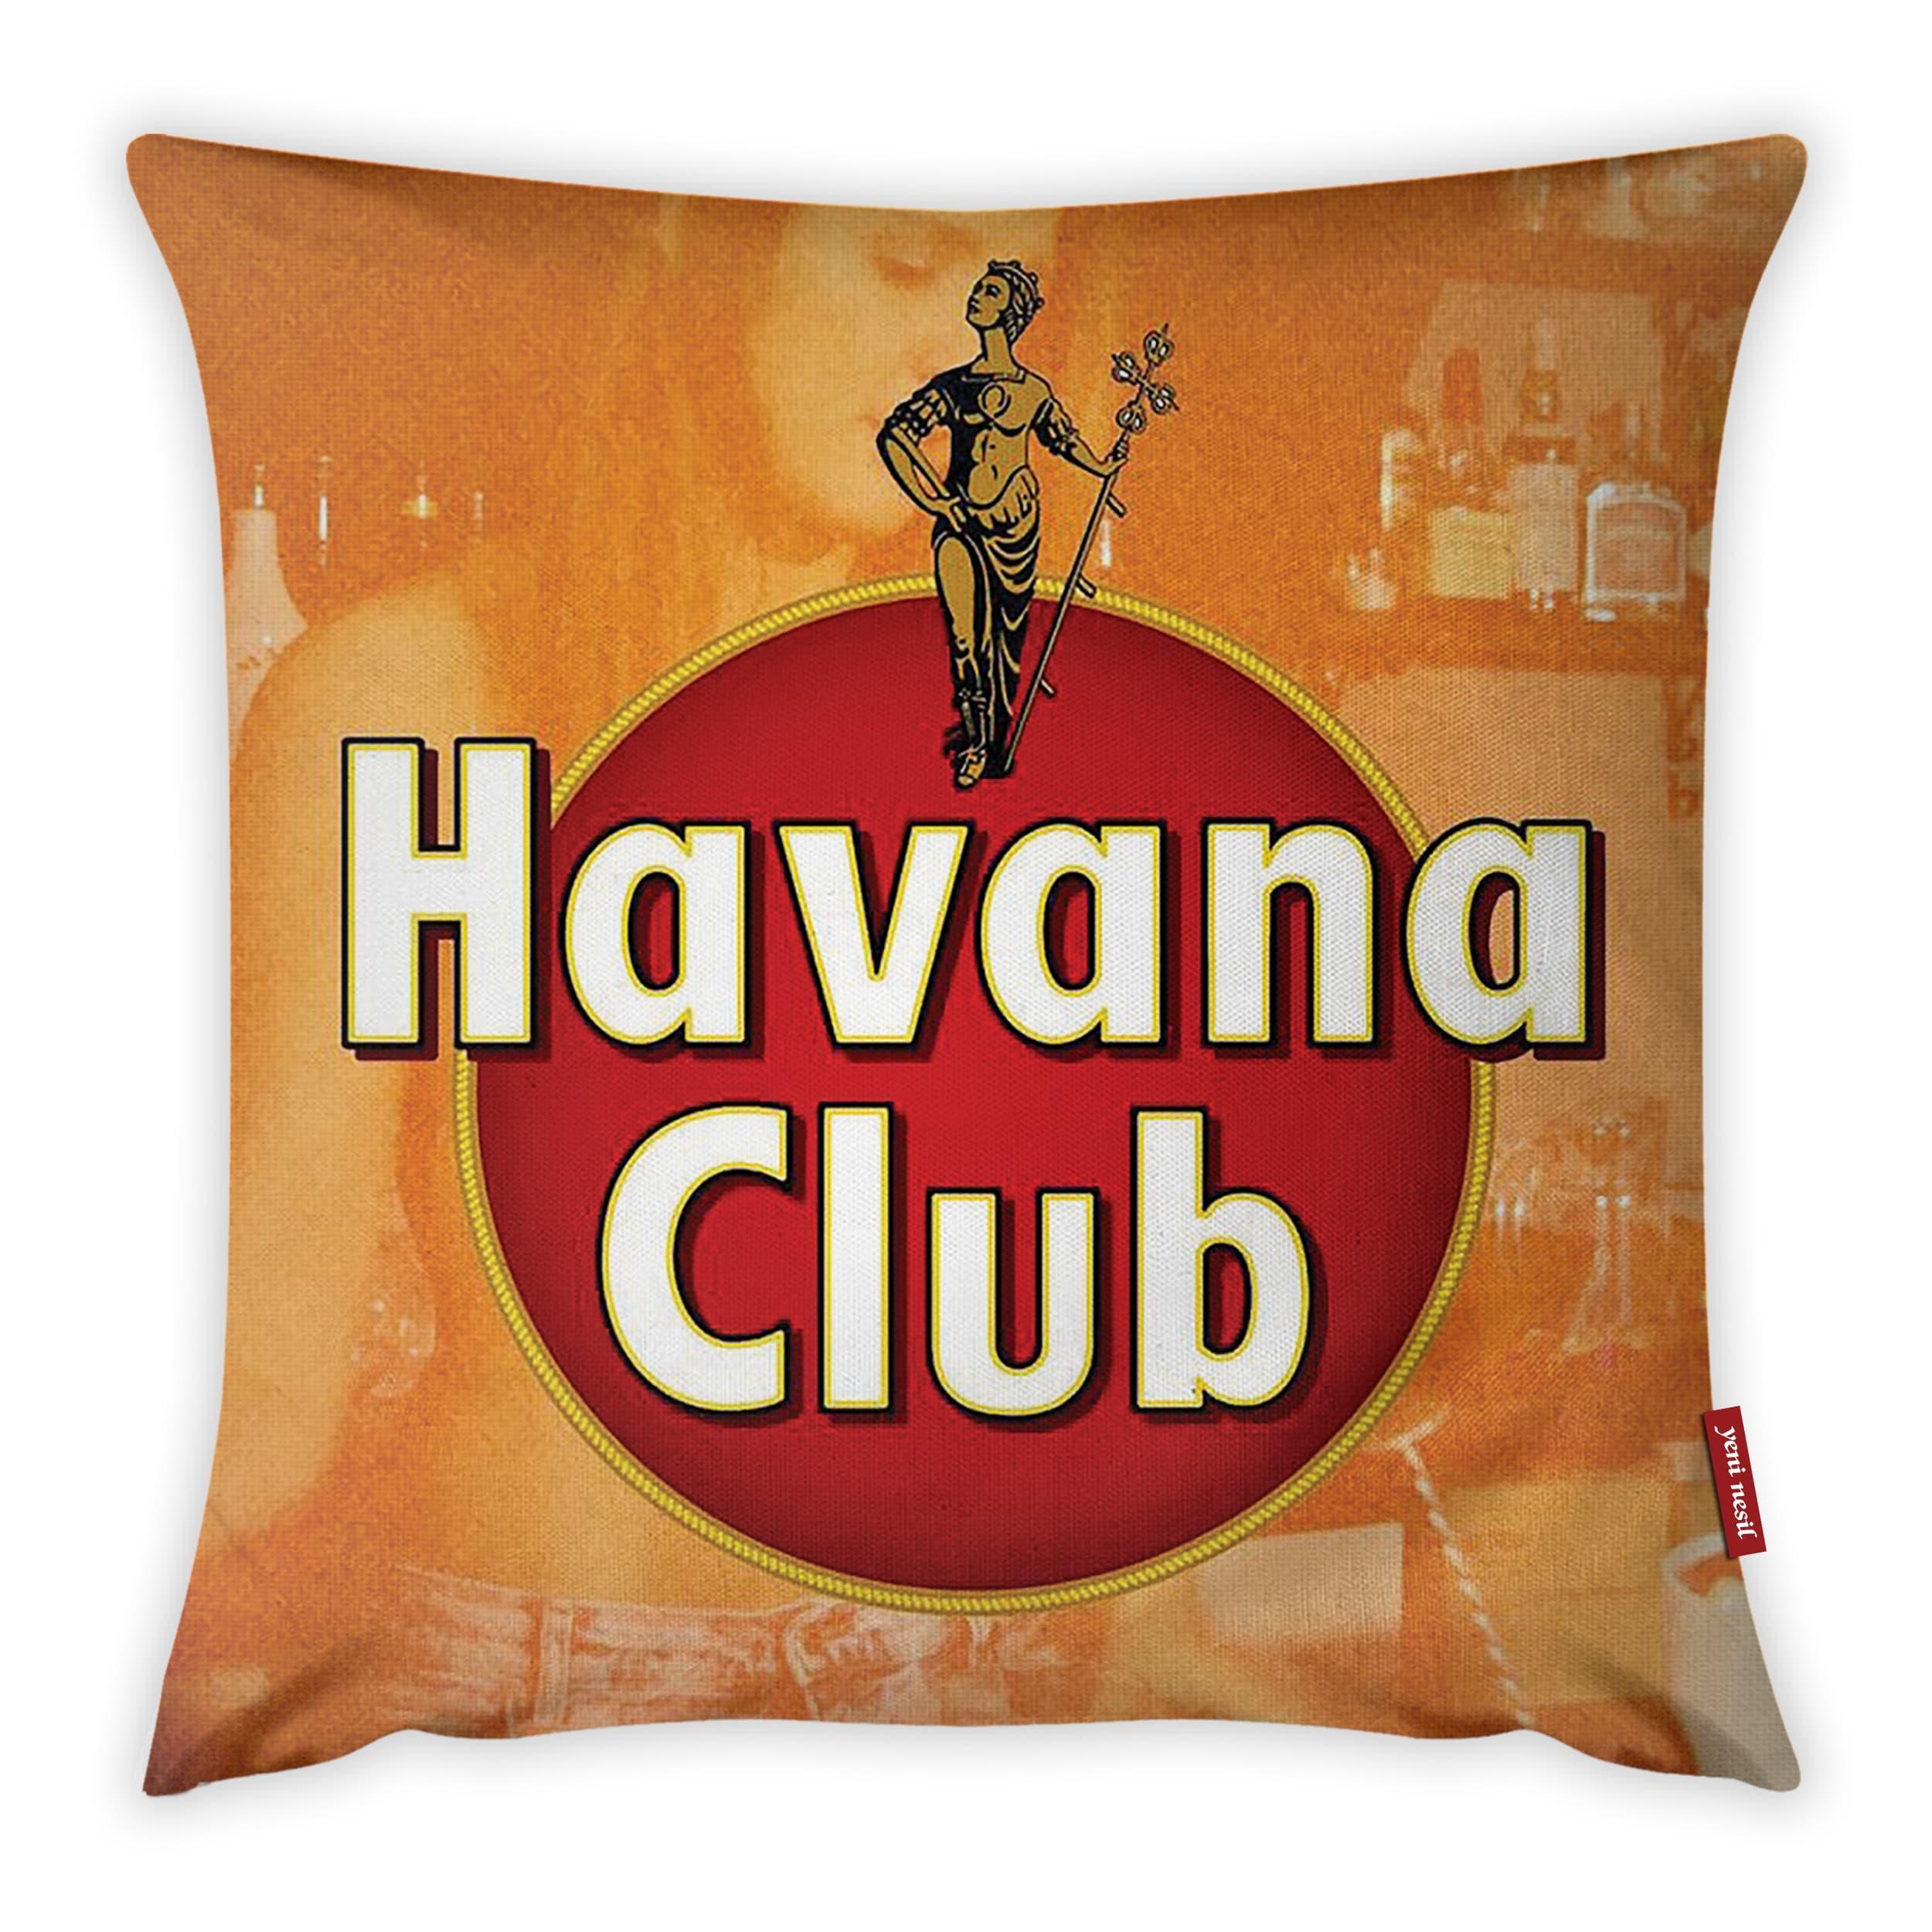 Fata de perna Havana Club YK339 Multicolor, 42 x 42 cm